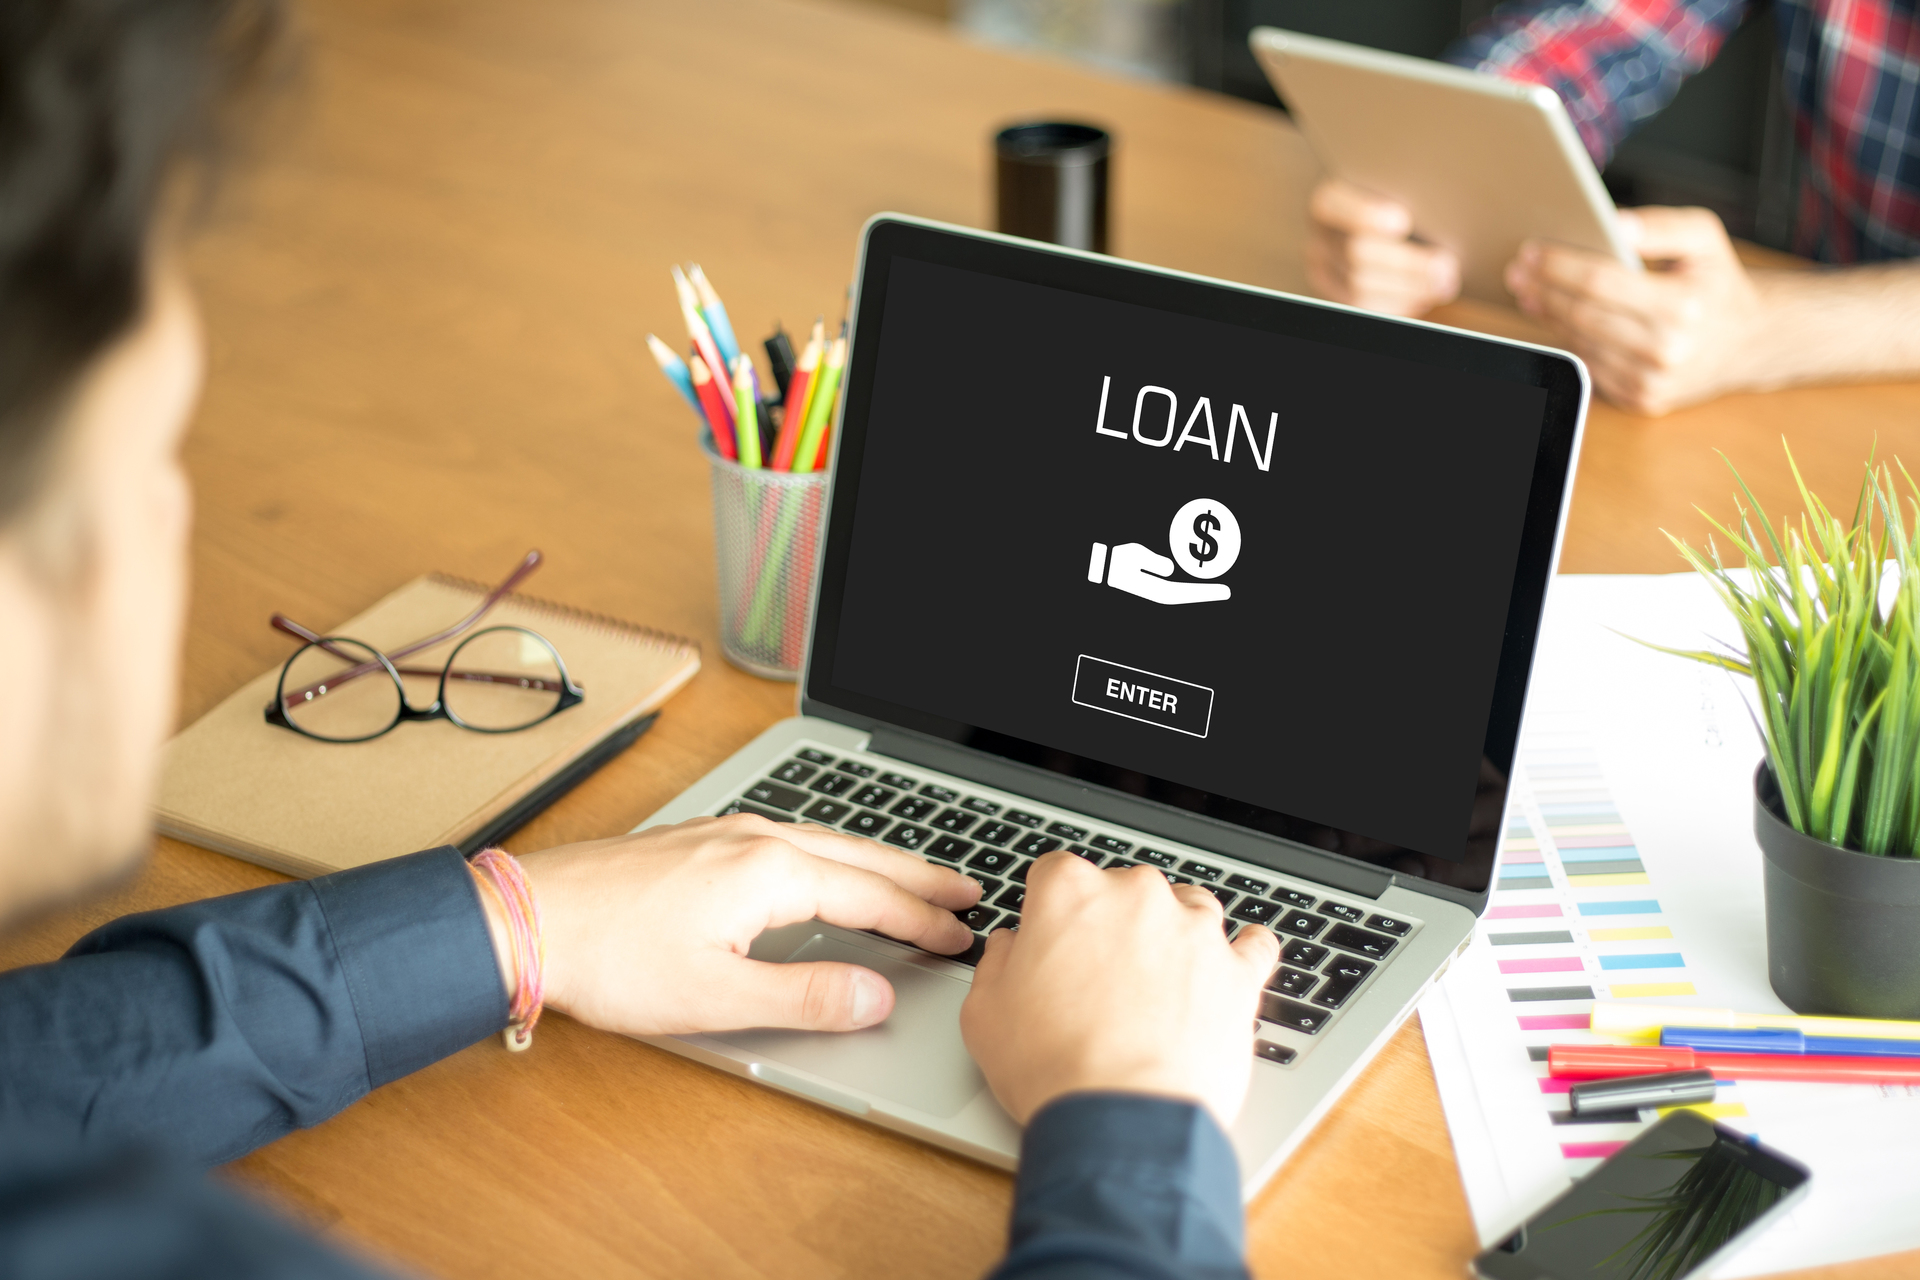 швидкий кредит онлайн на картку